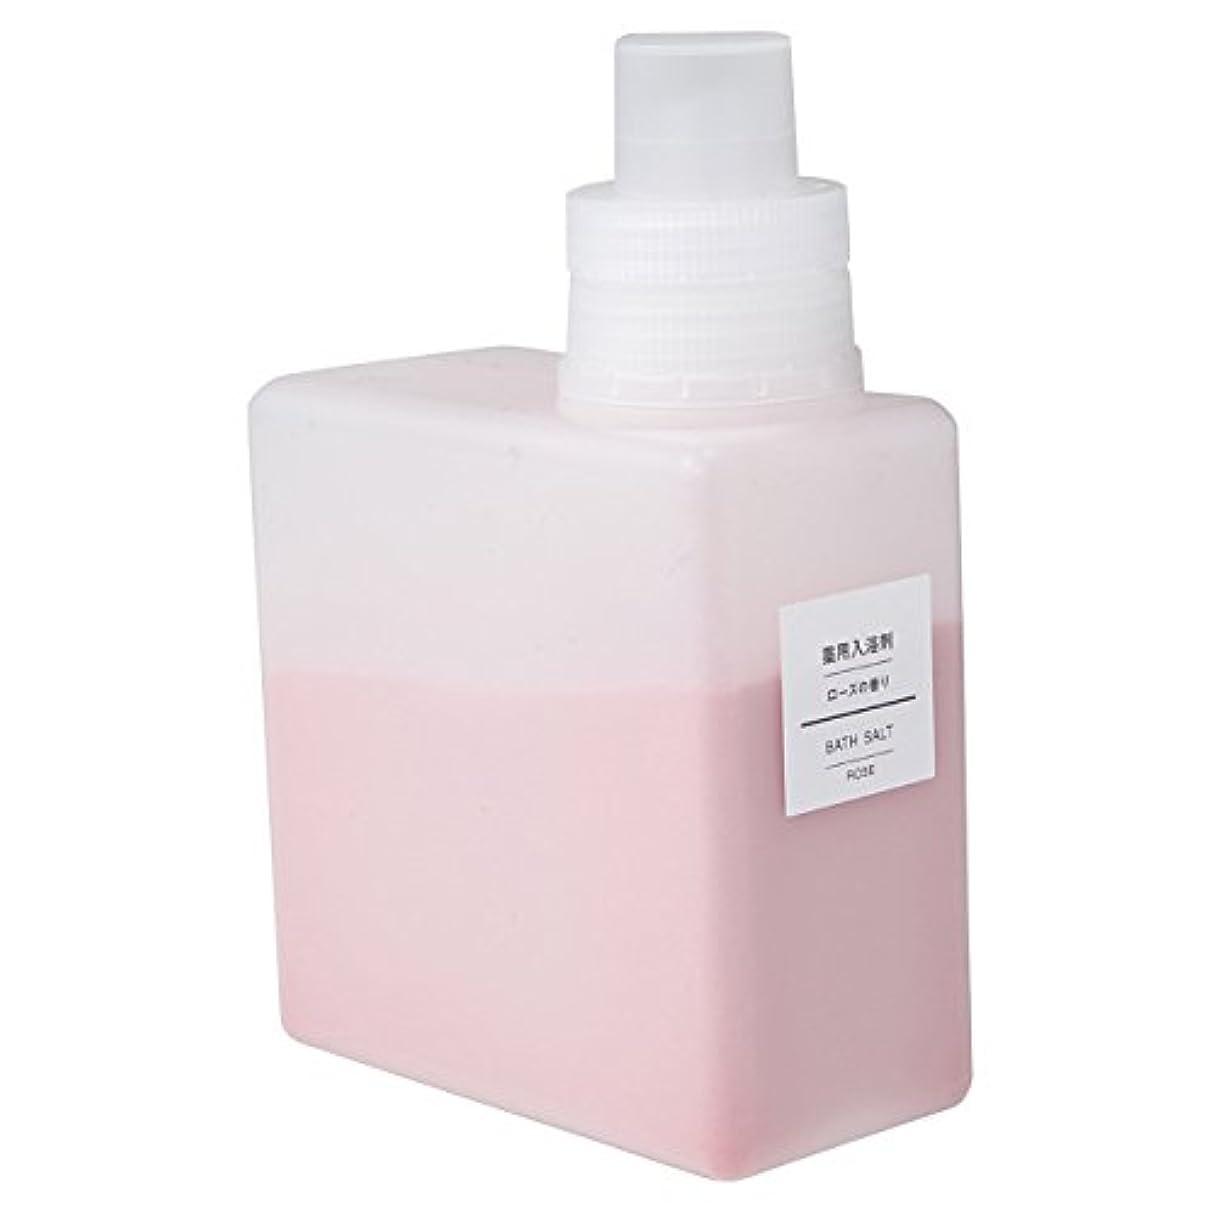 男船外教育無印良品 薬用入浴剤?ローズの香り (新)500g 日本製